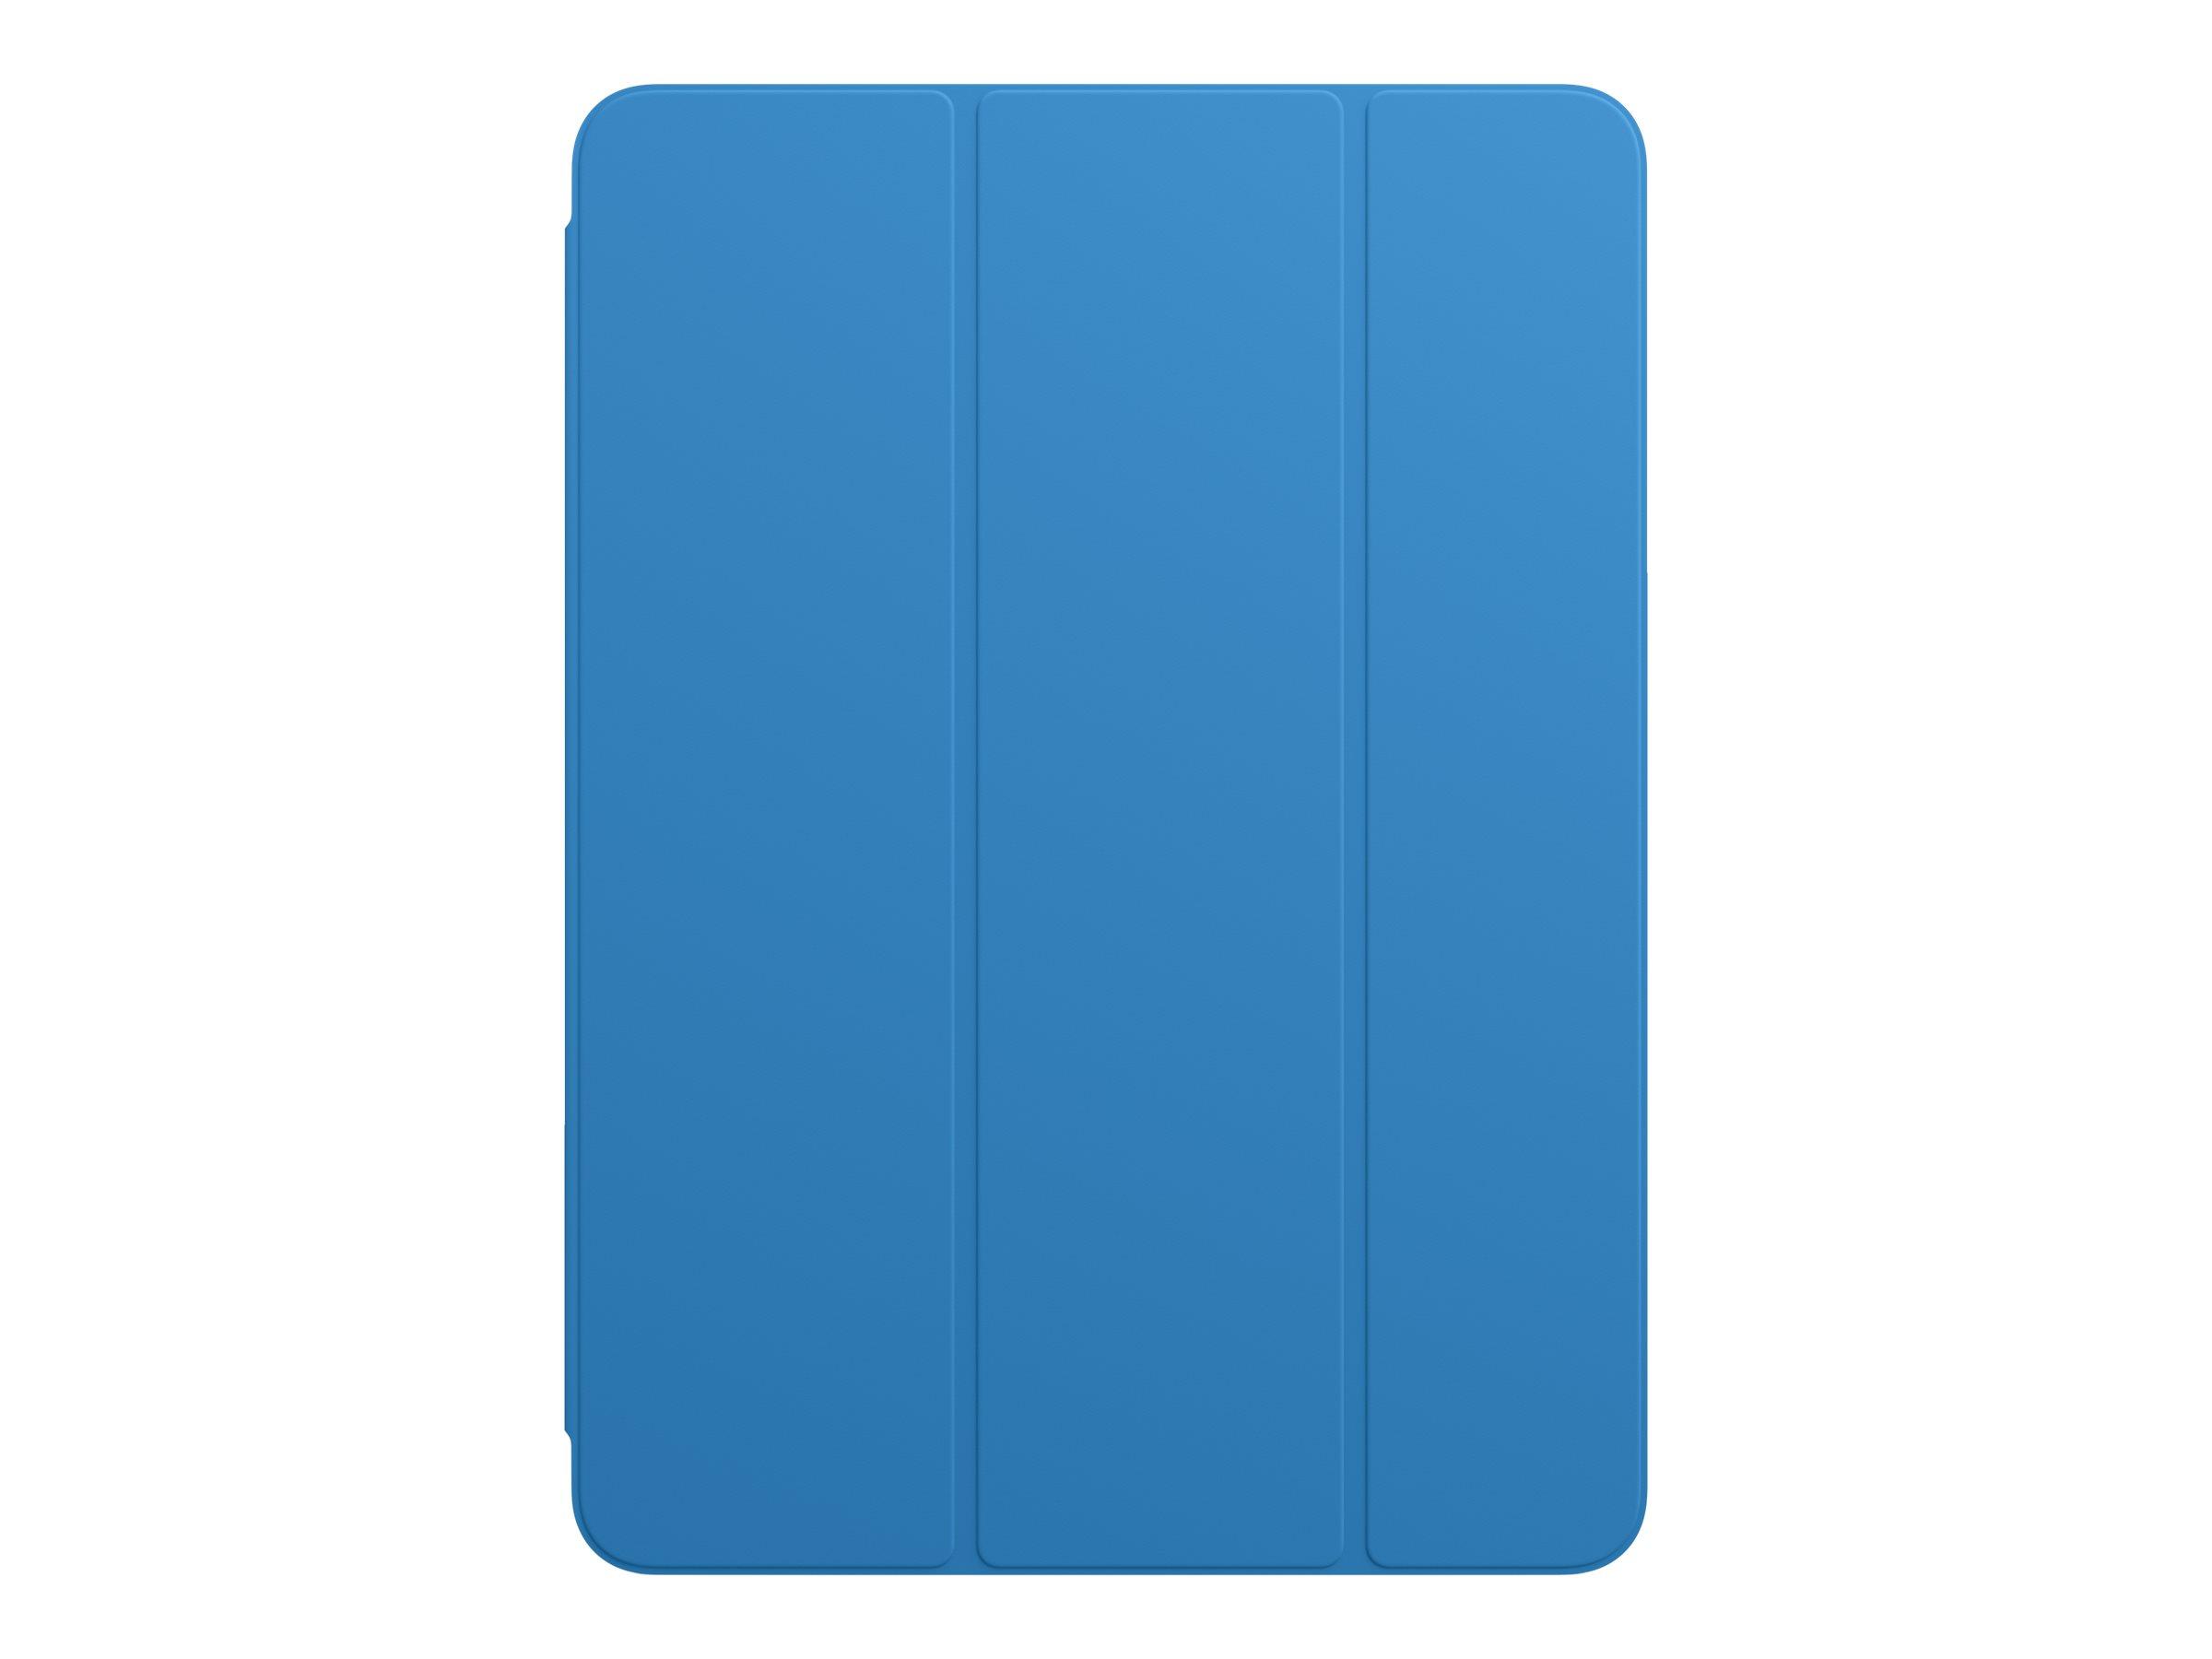 """Vorschau: Apple Smart Folio - Flip-Hülle für Tablet - Polyurethan - Surf Blue - 11"""" - für 11-inch iPad Pro (1. Generation, 2. Generation)"""